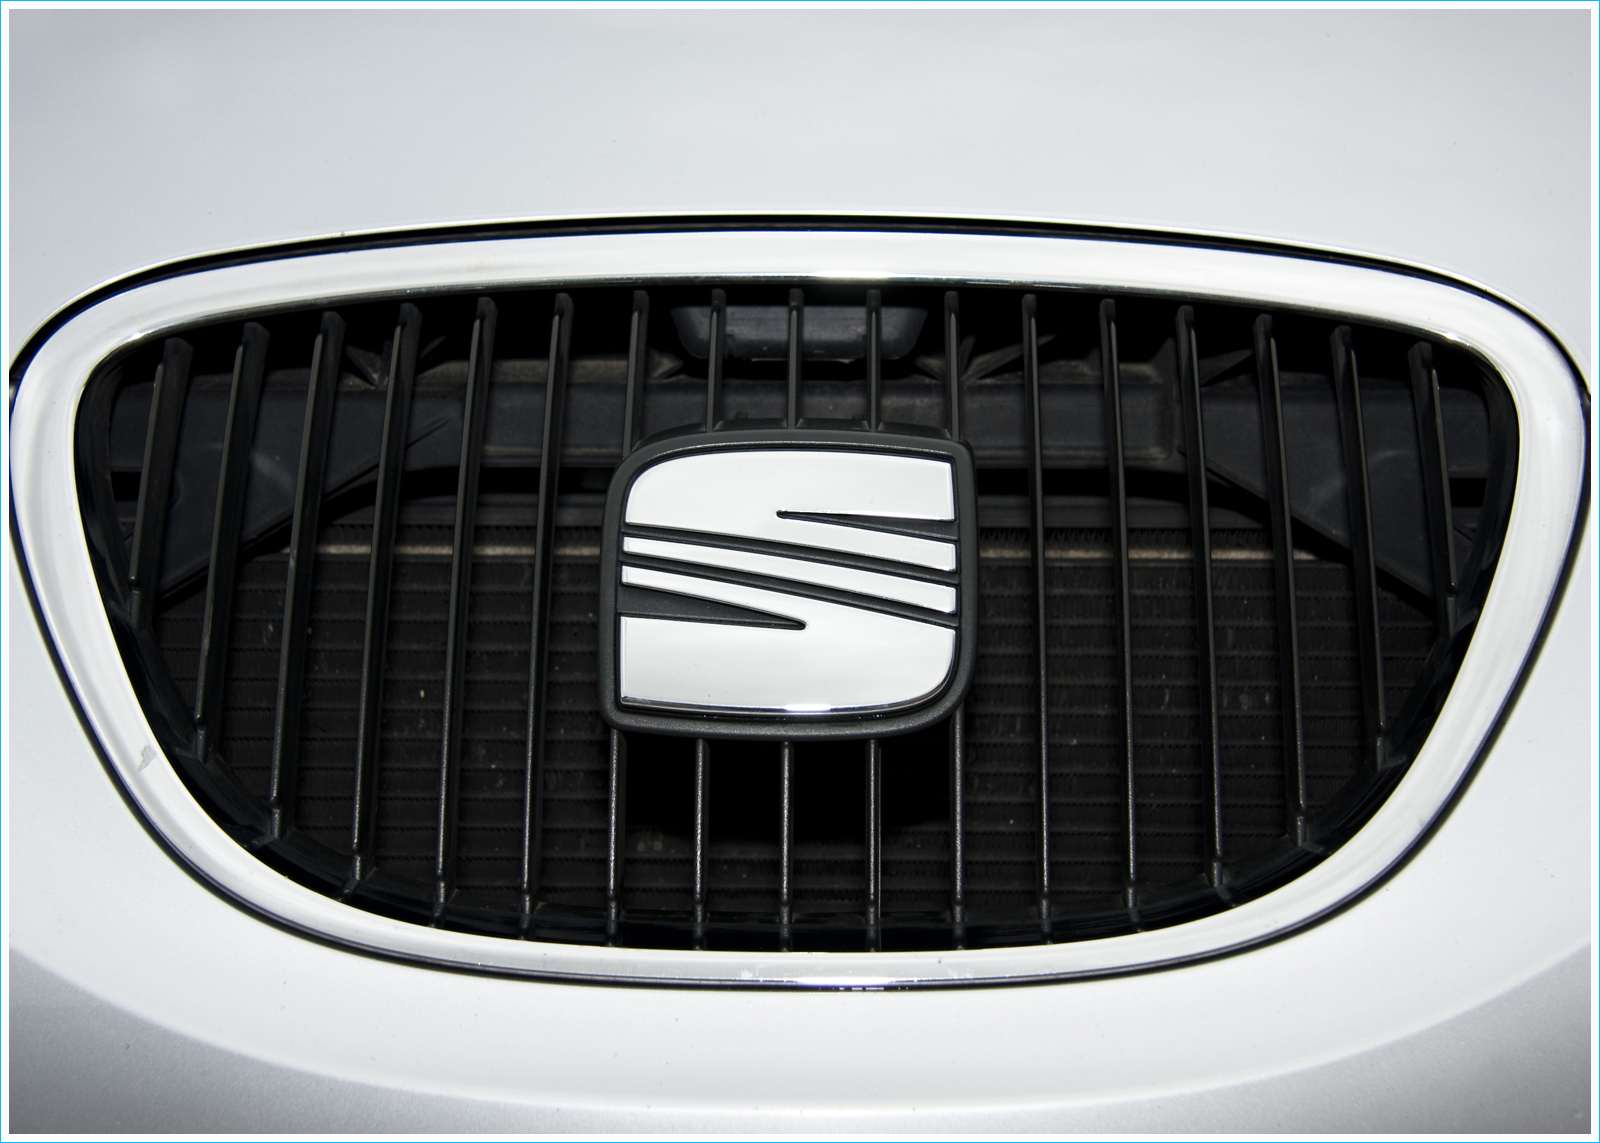 image logo seat